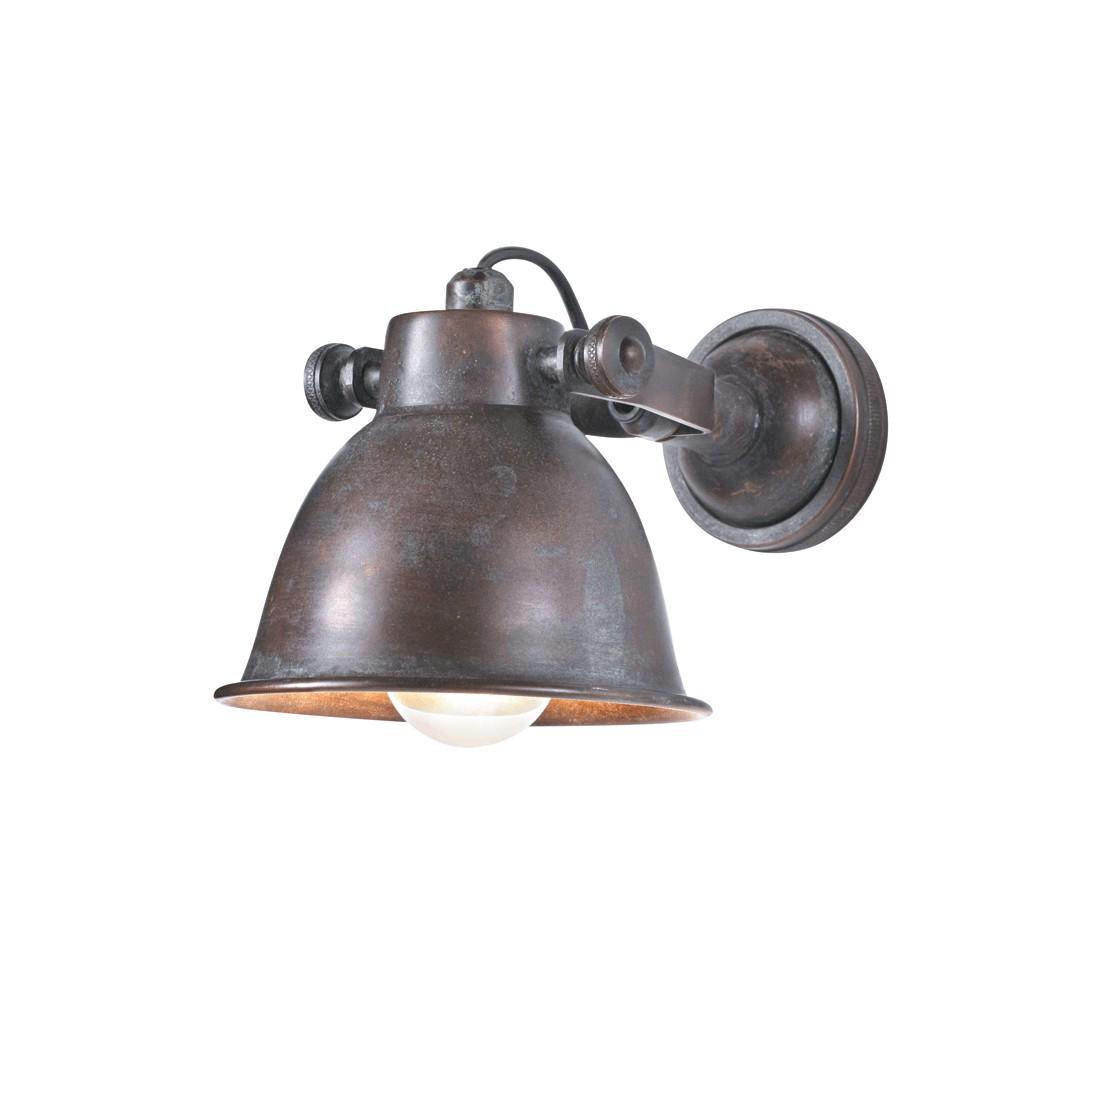 home24 Wandleuchte   Lampen > Wandlampen   Braun   Metall   PureDay